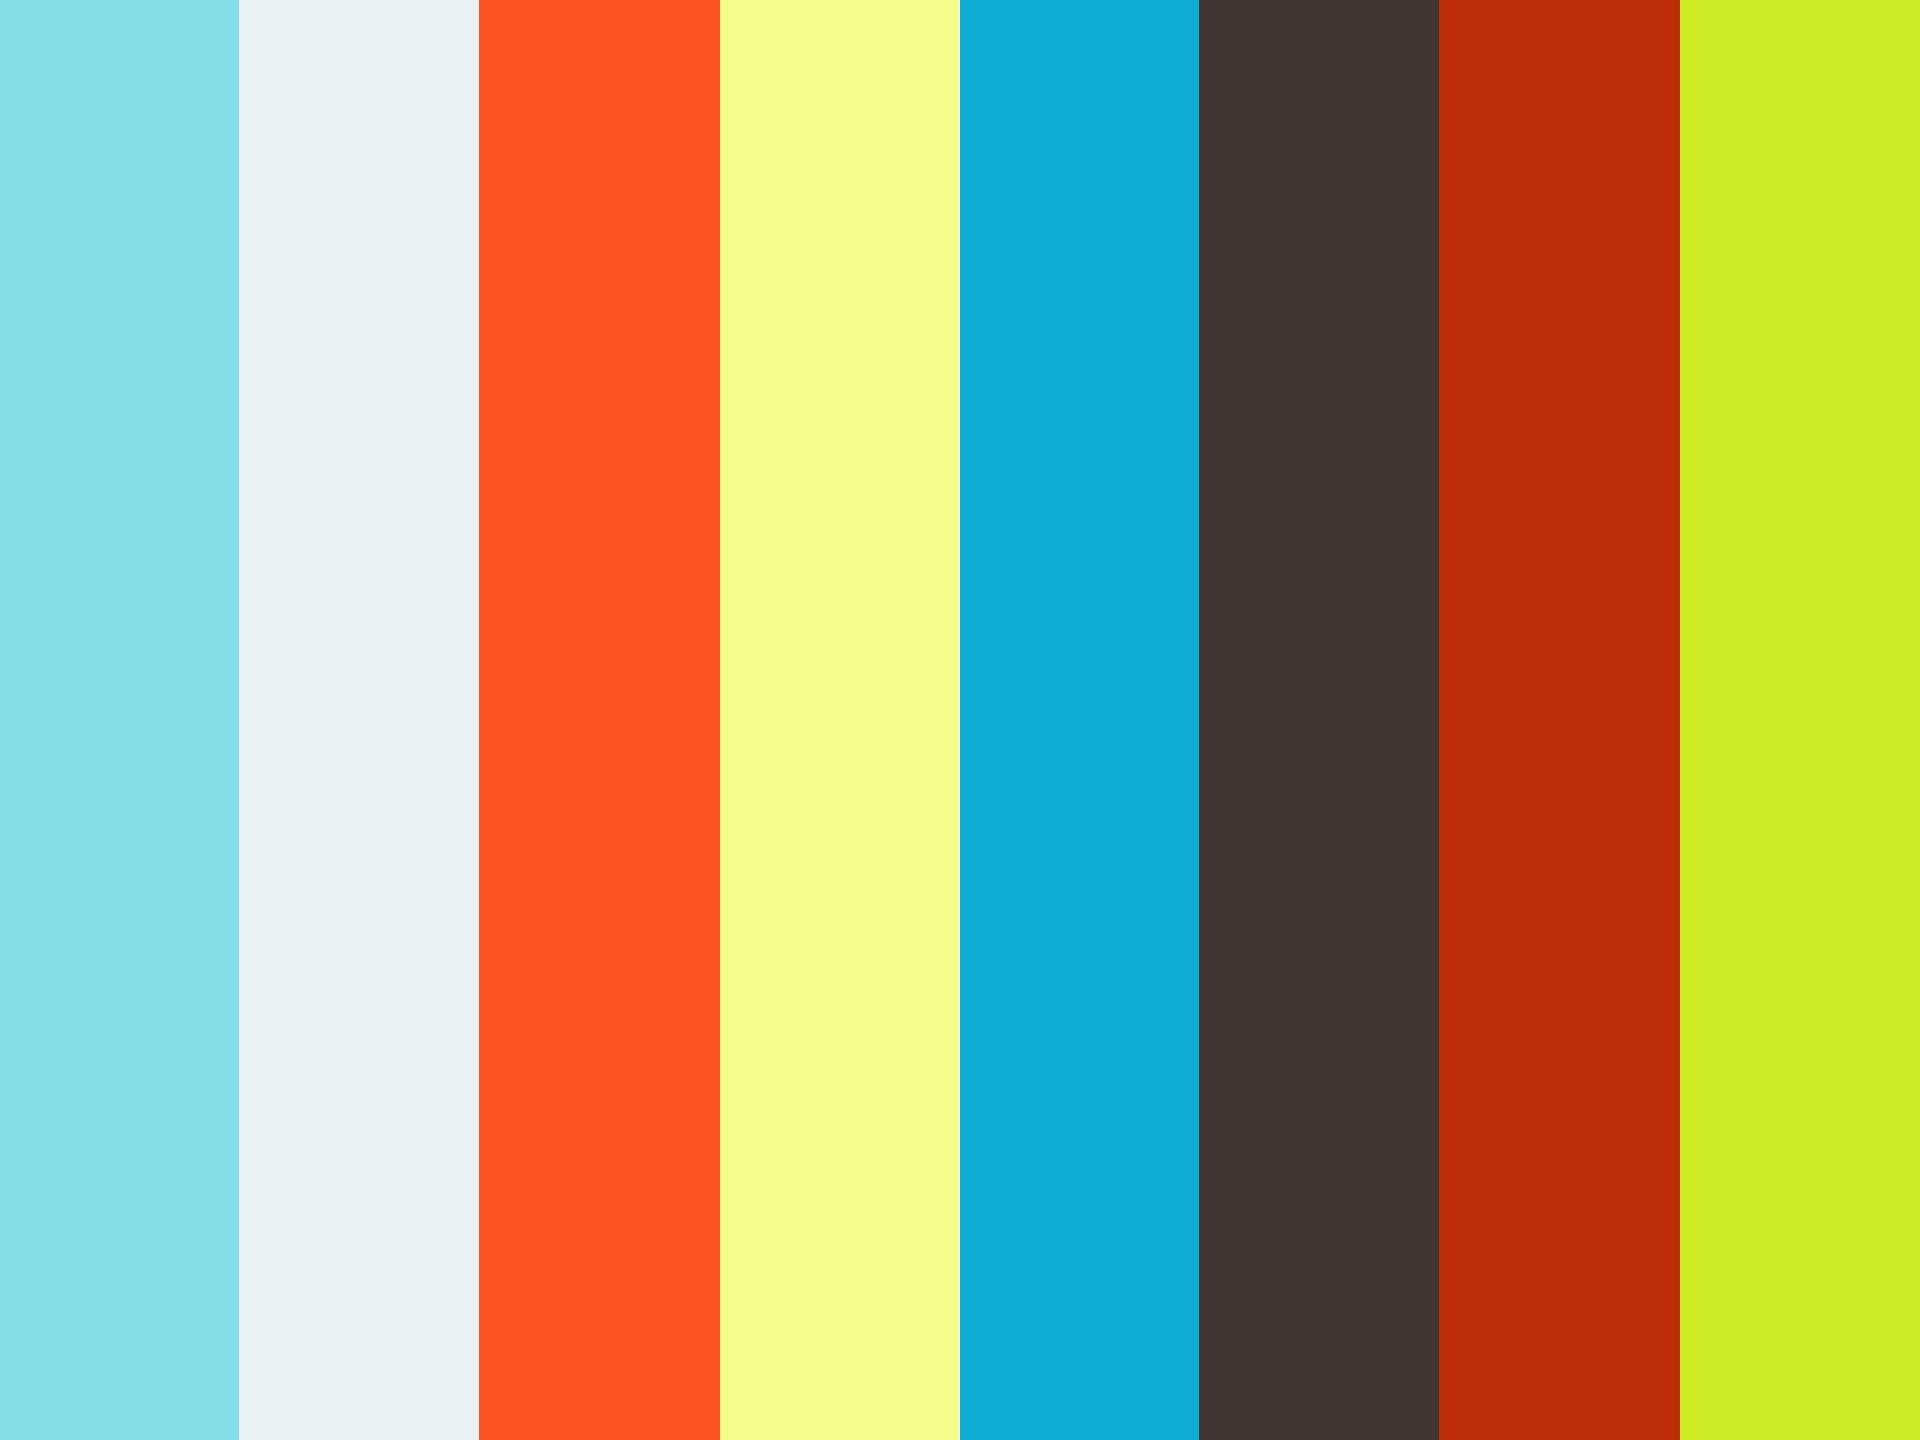 Μένω σπίτι και μαθαίνω | Δημοτική | Μουσική (Αφρικανική μουσική - Κρουστά σώματος) 29/4/20 Επ. 19